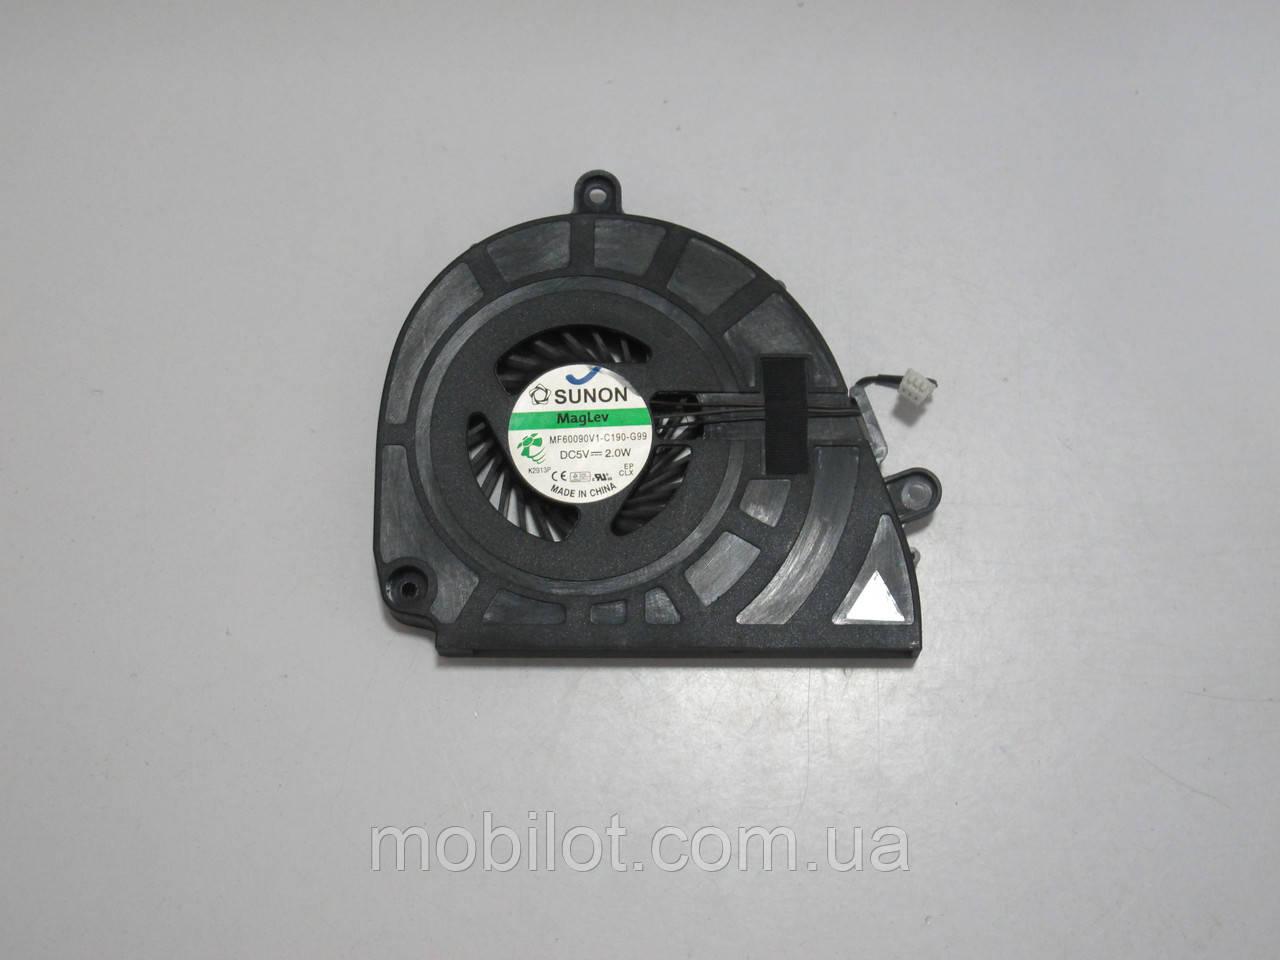 Система охлаждения (кулер) Acer E1-531 (NZ-4979)